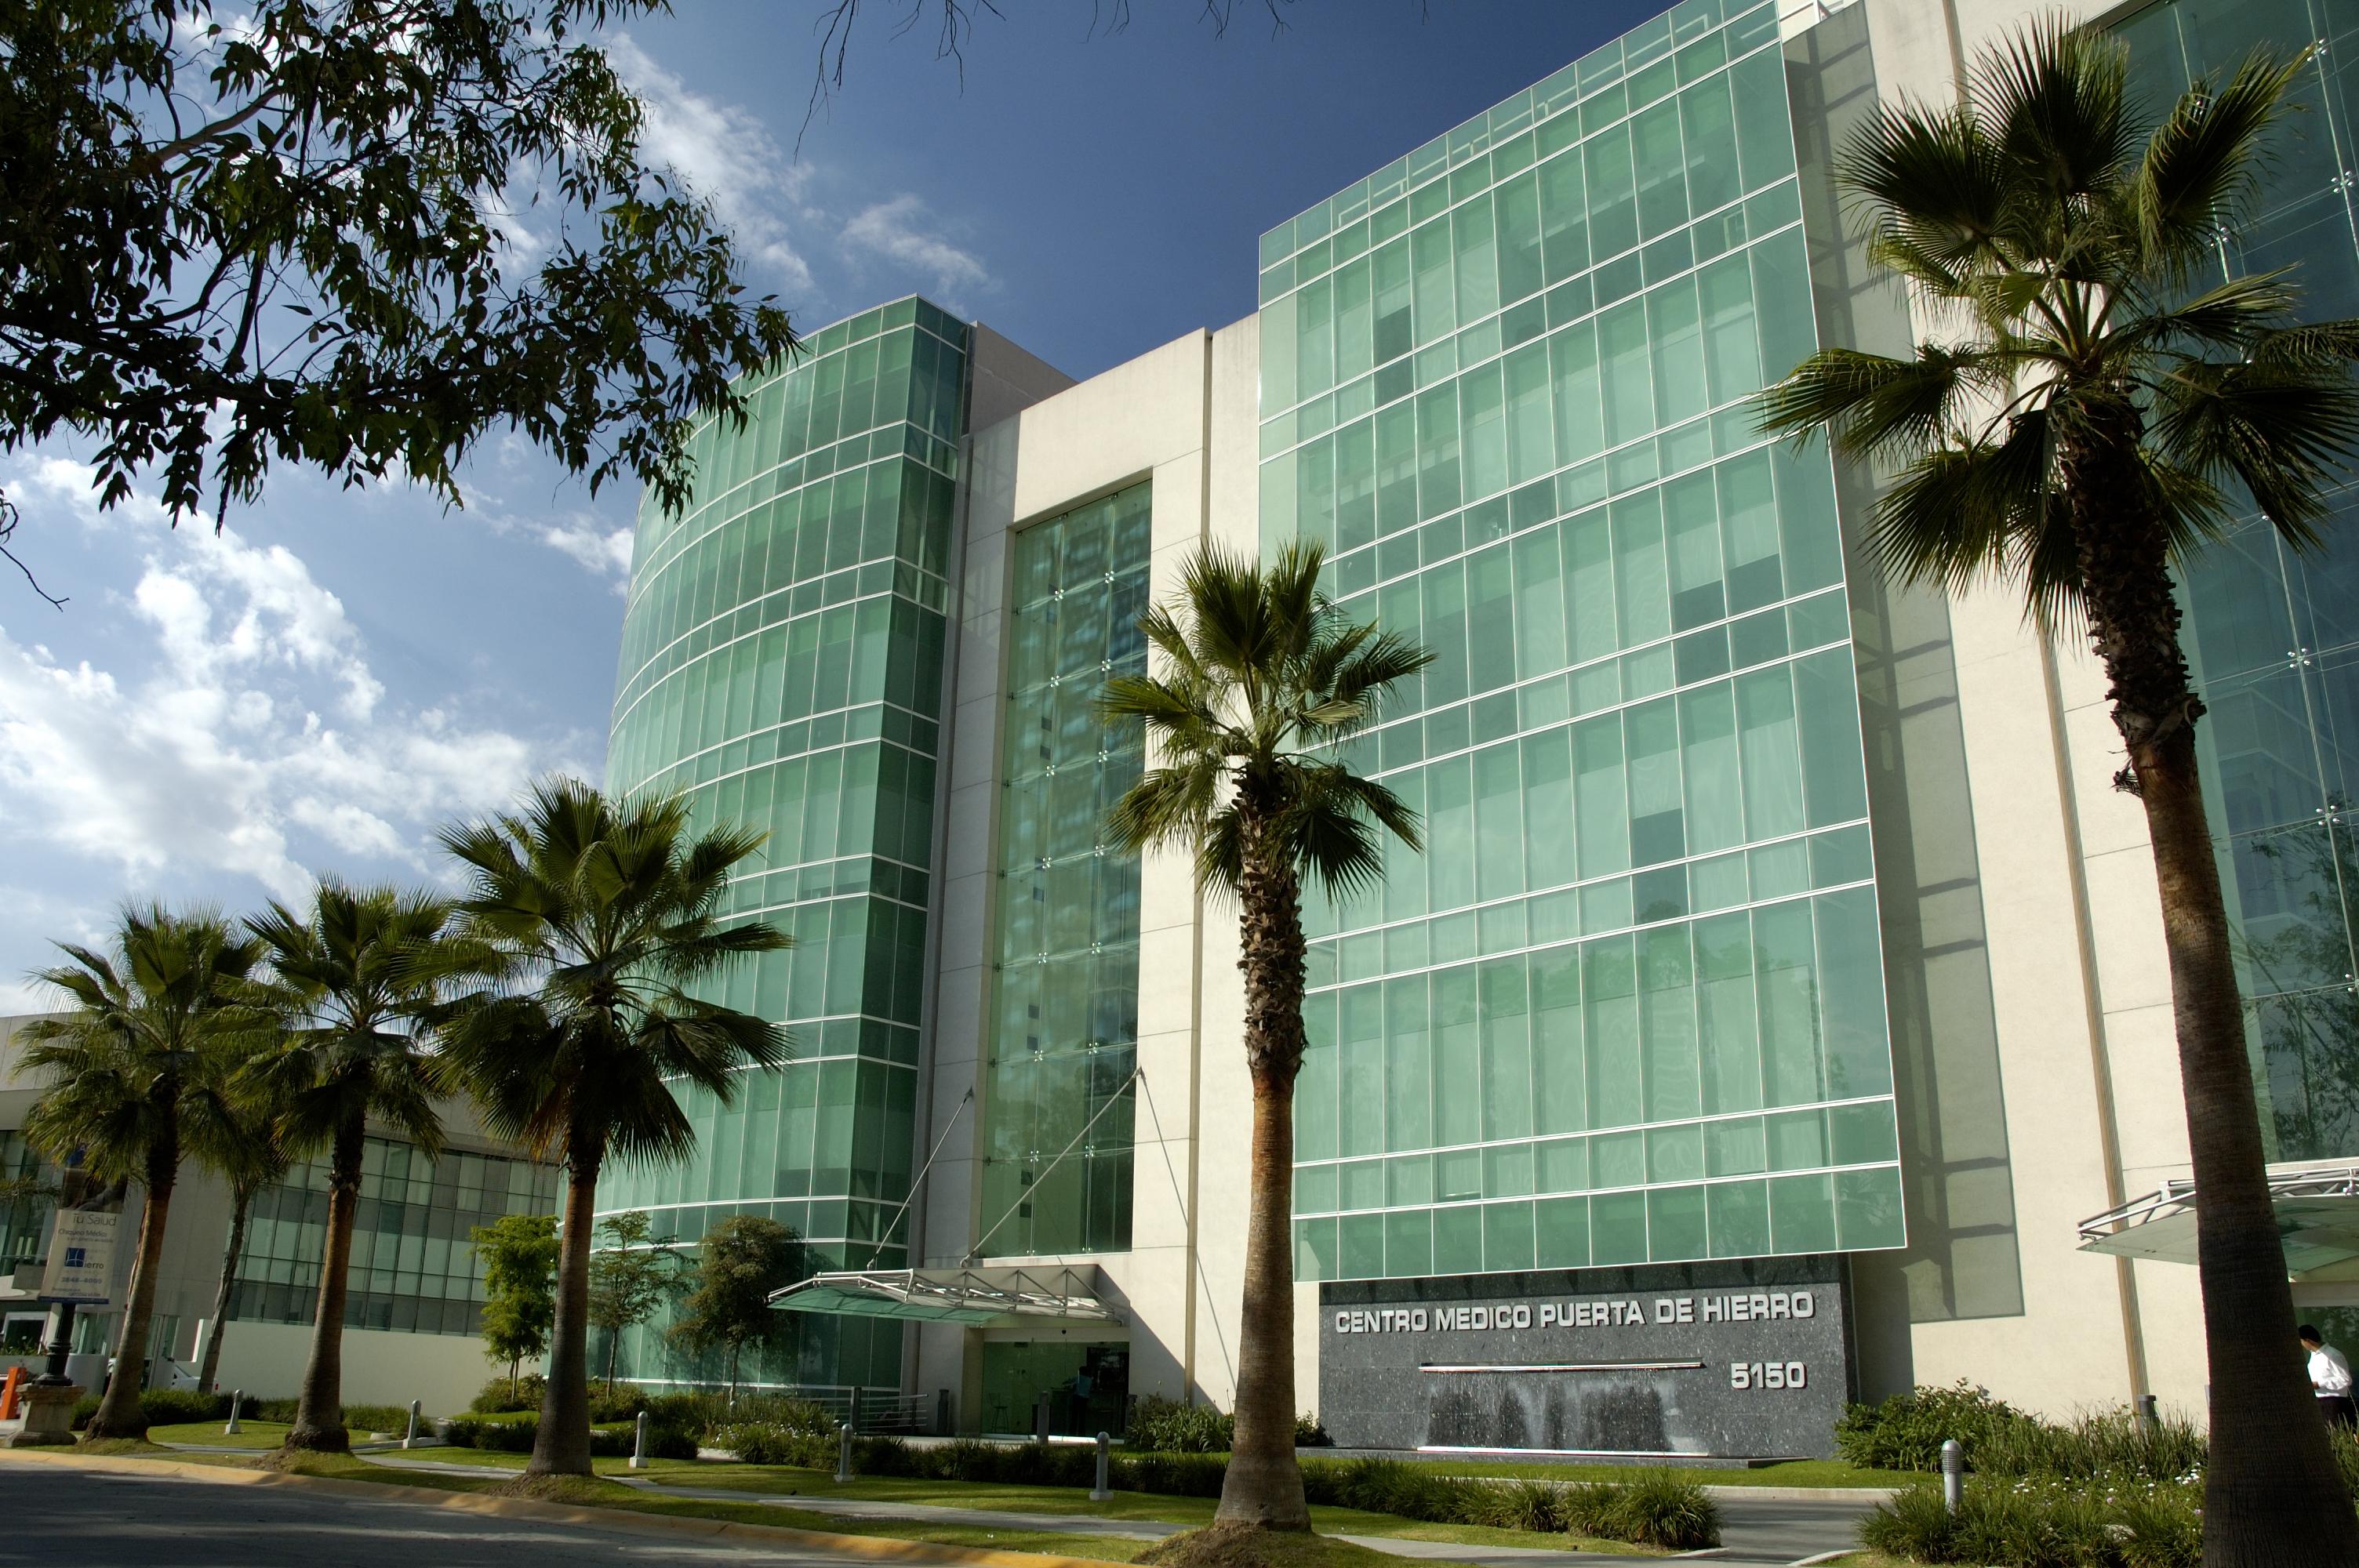 Centro Medico Puerta de Hierro